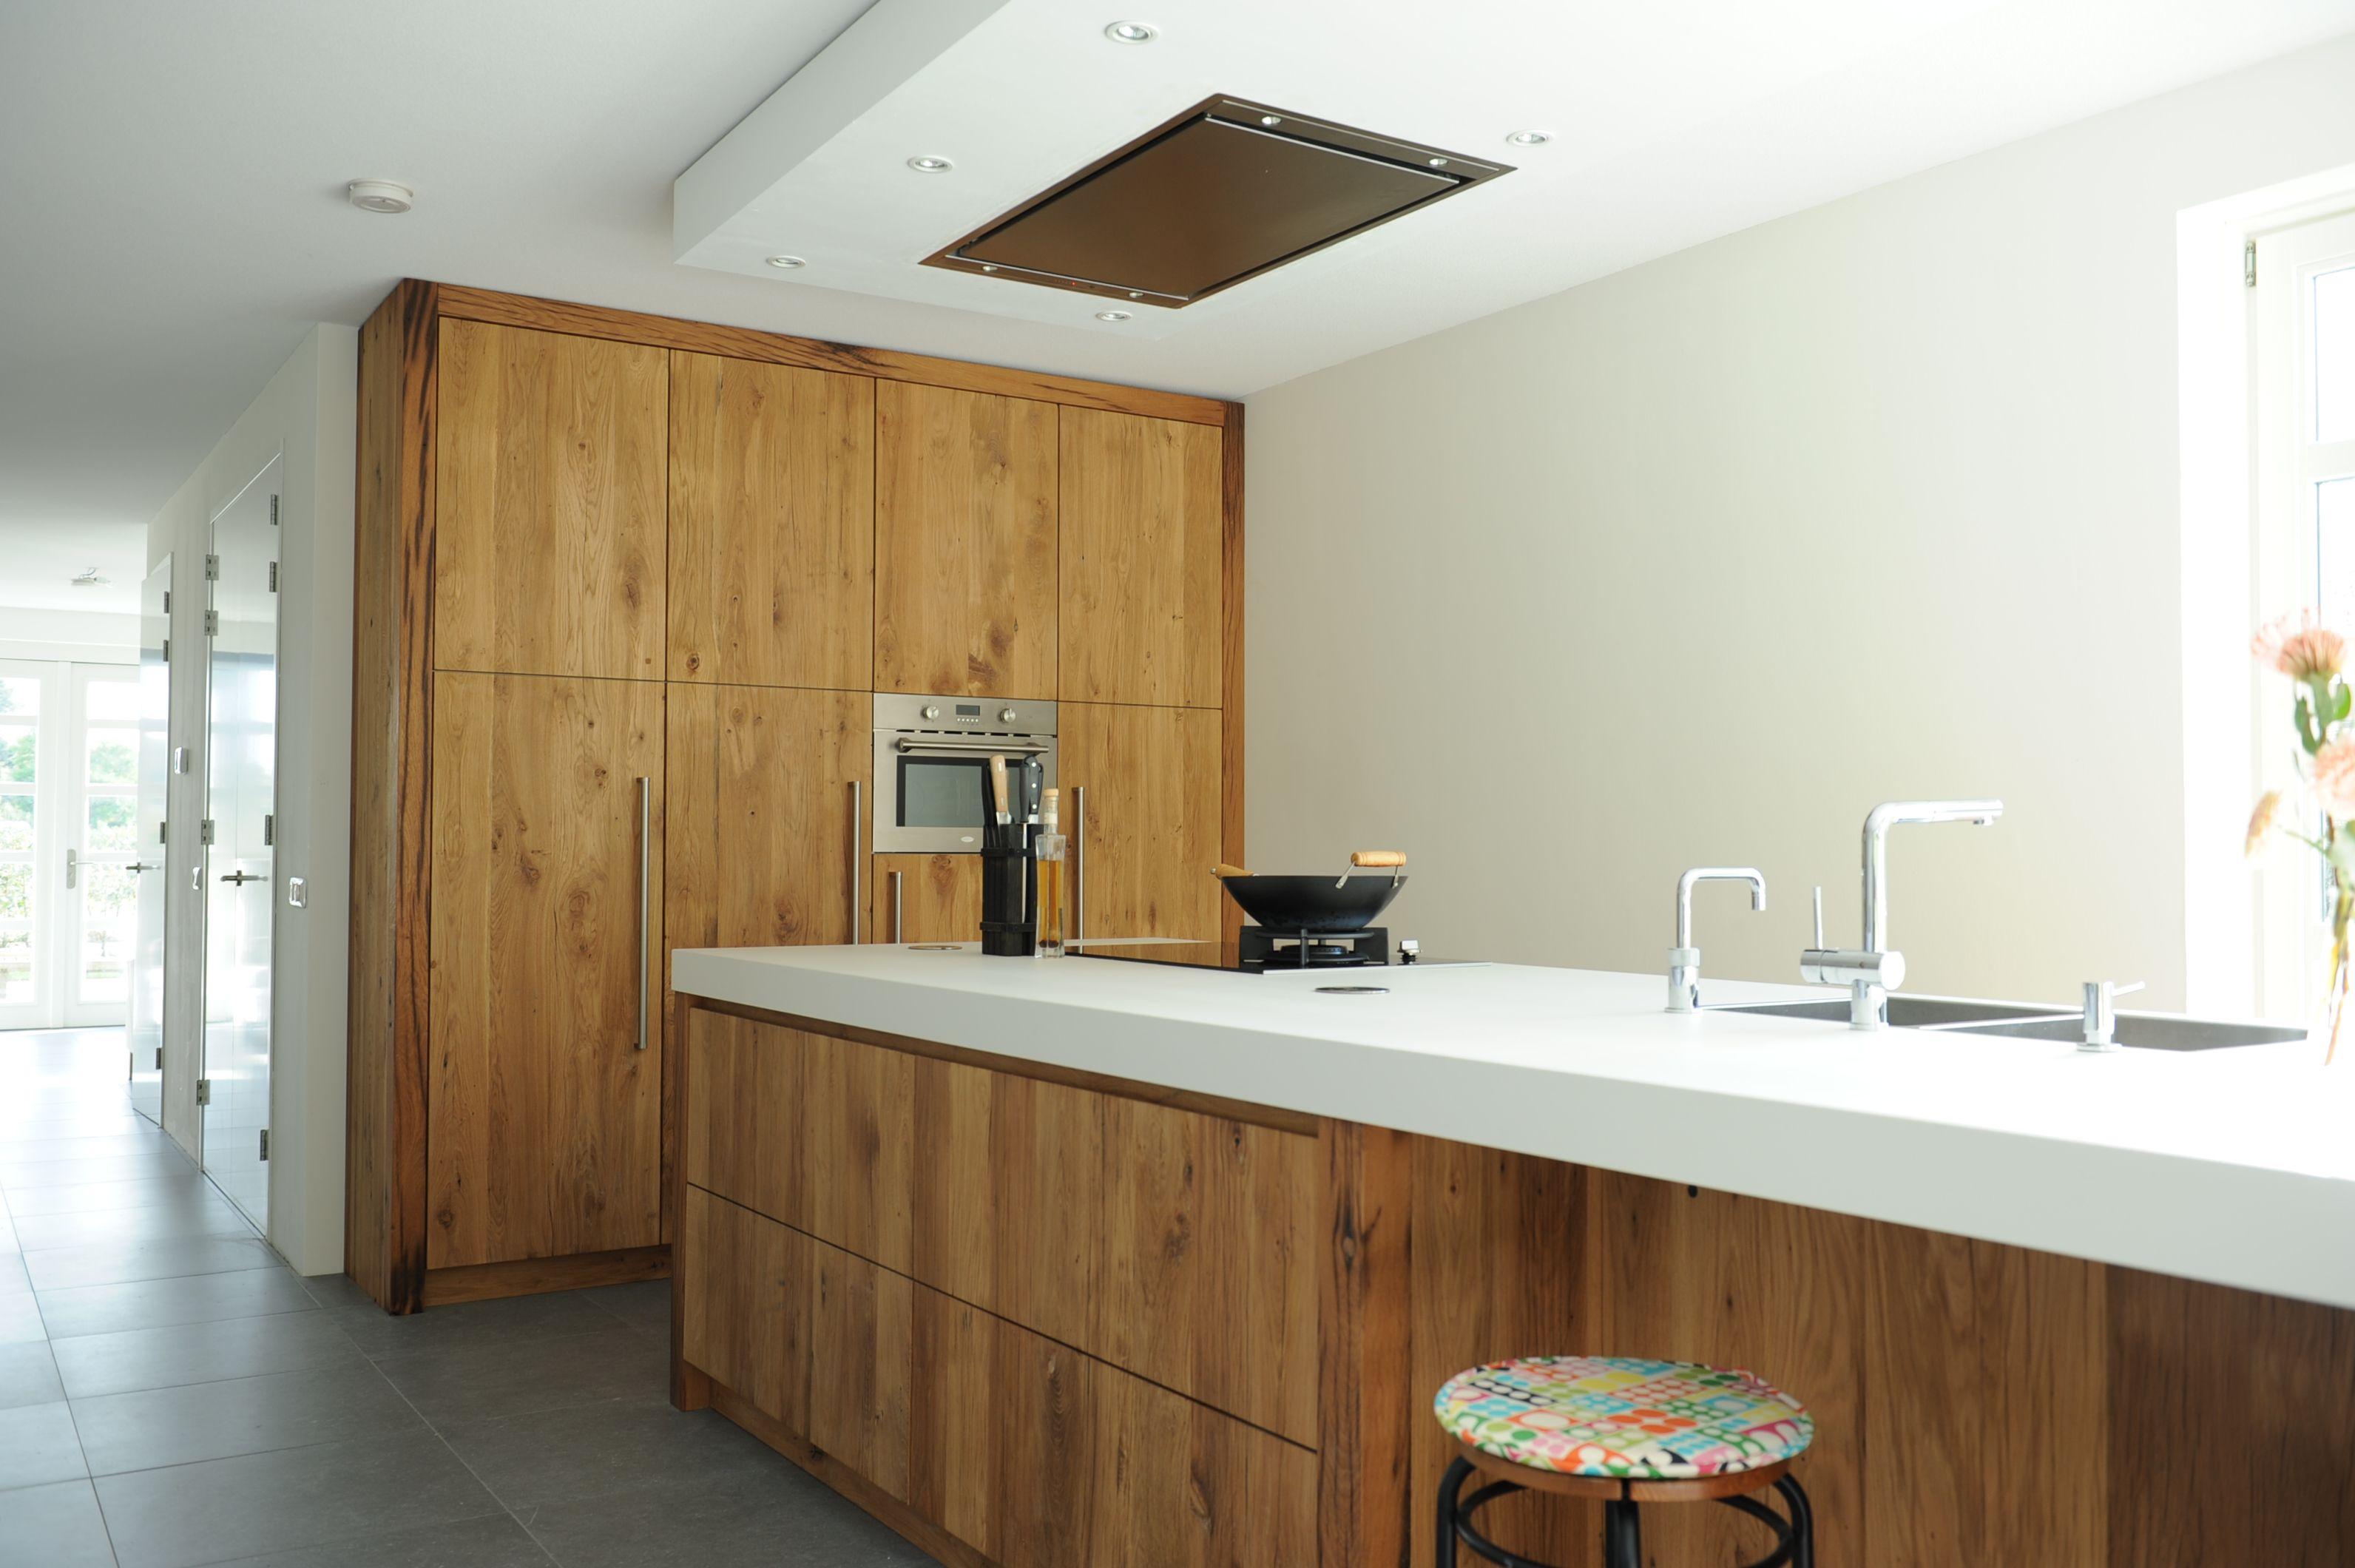 Keukeneiland T Opstelling : Eiken keuken van restylexl als u voor een originele eiken keuken